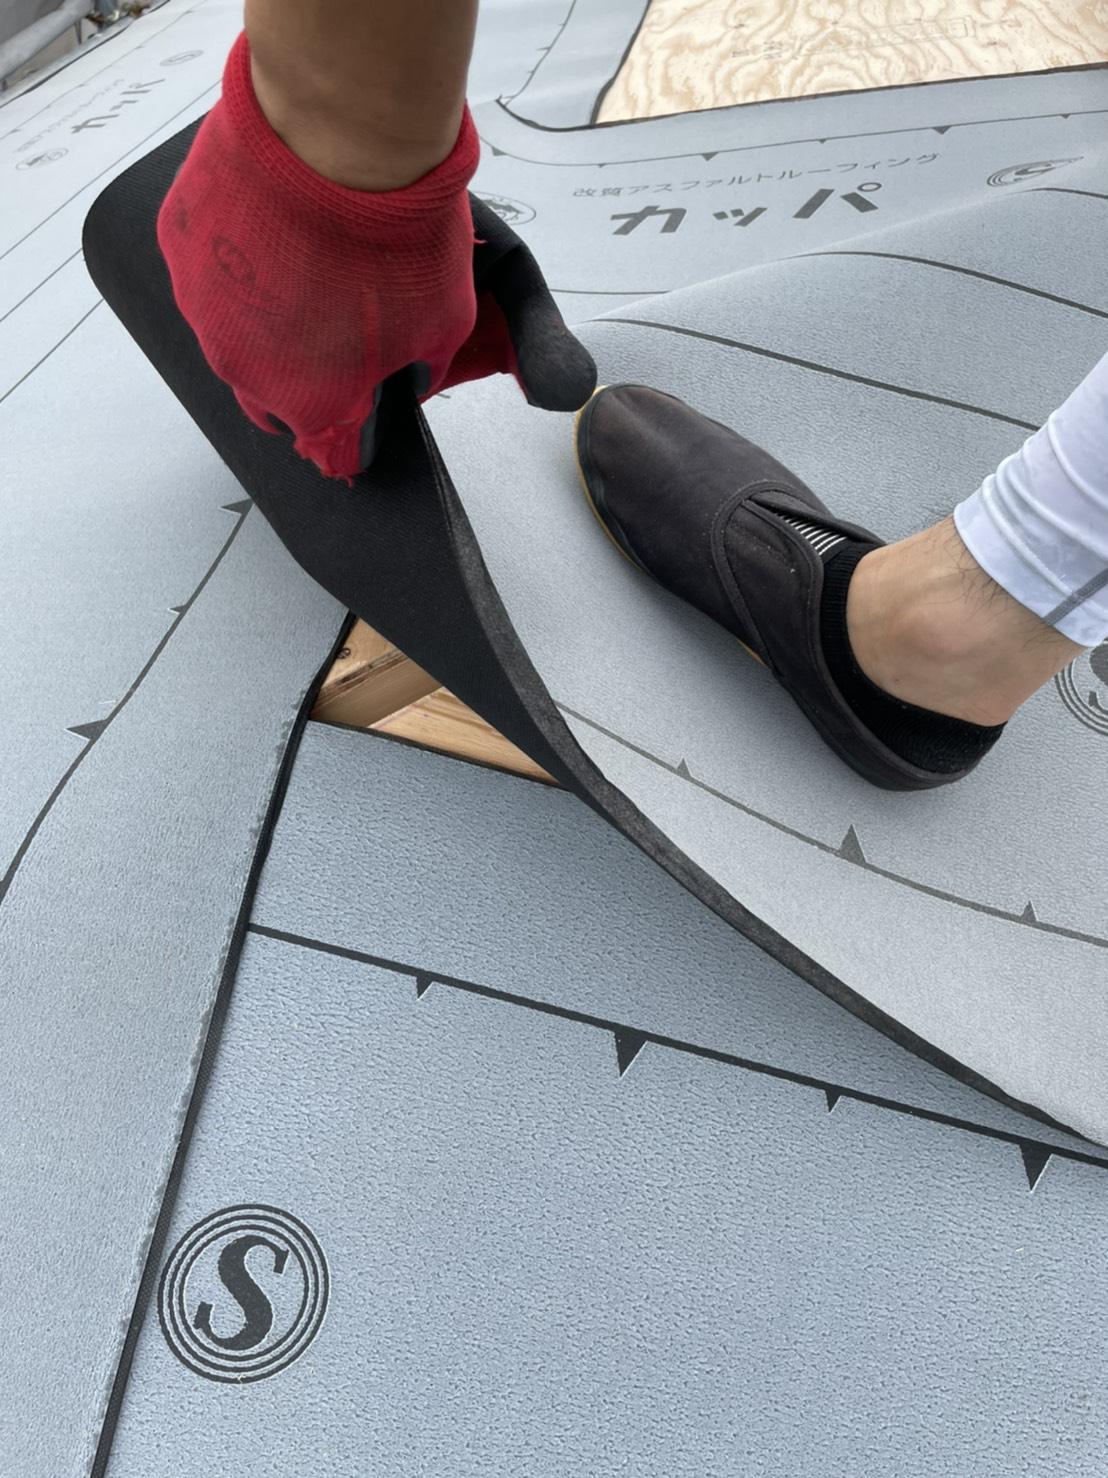 神戸市での雨漏りしている屋根葺き直し工事で防水シートを重ねている様子